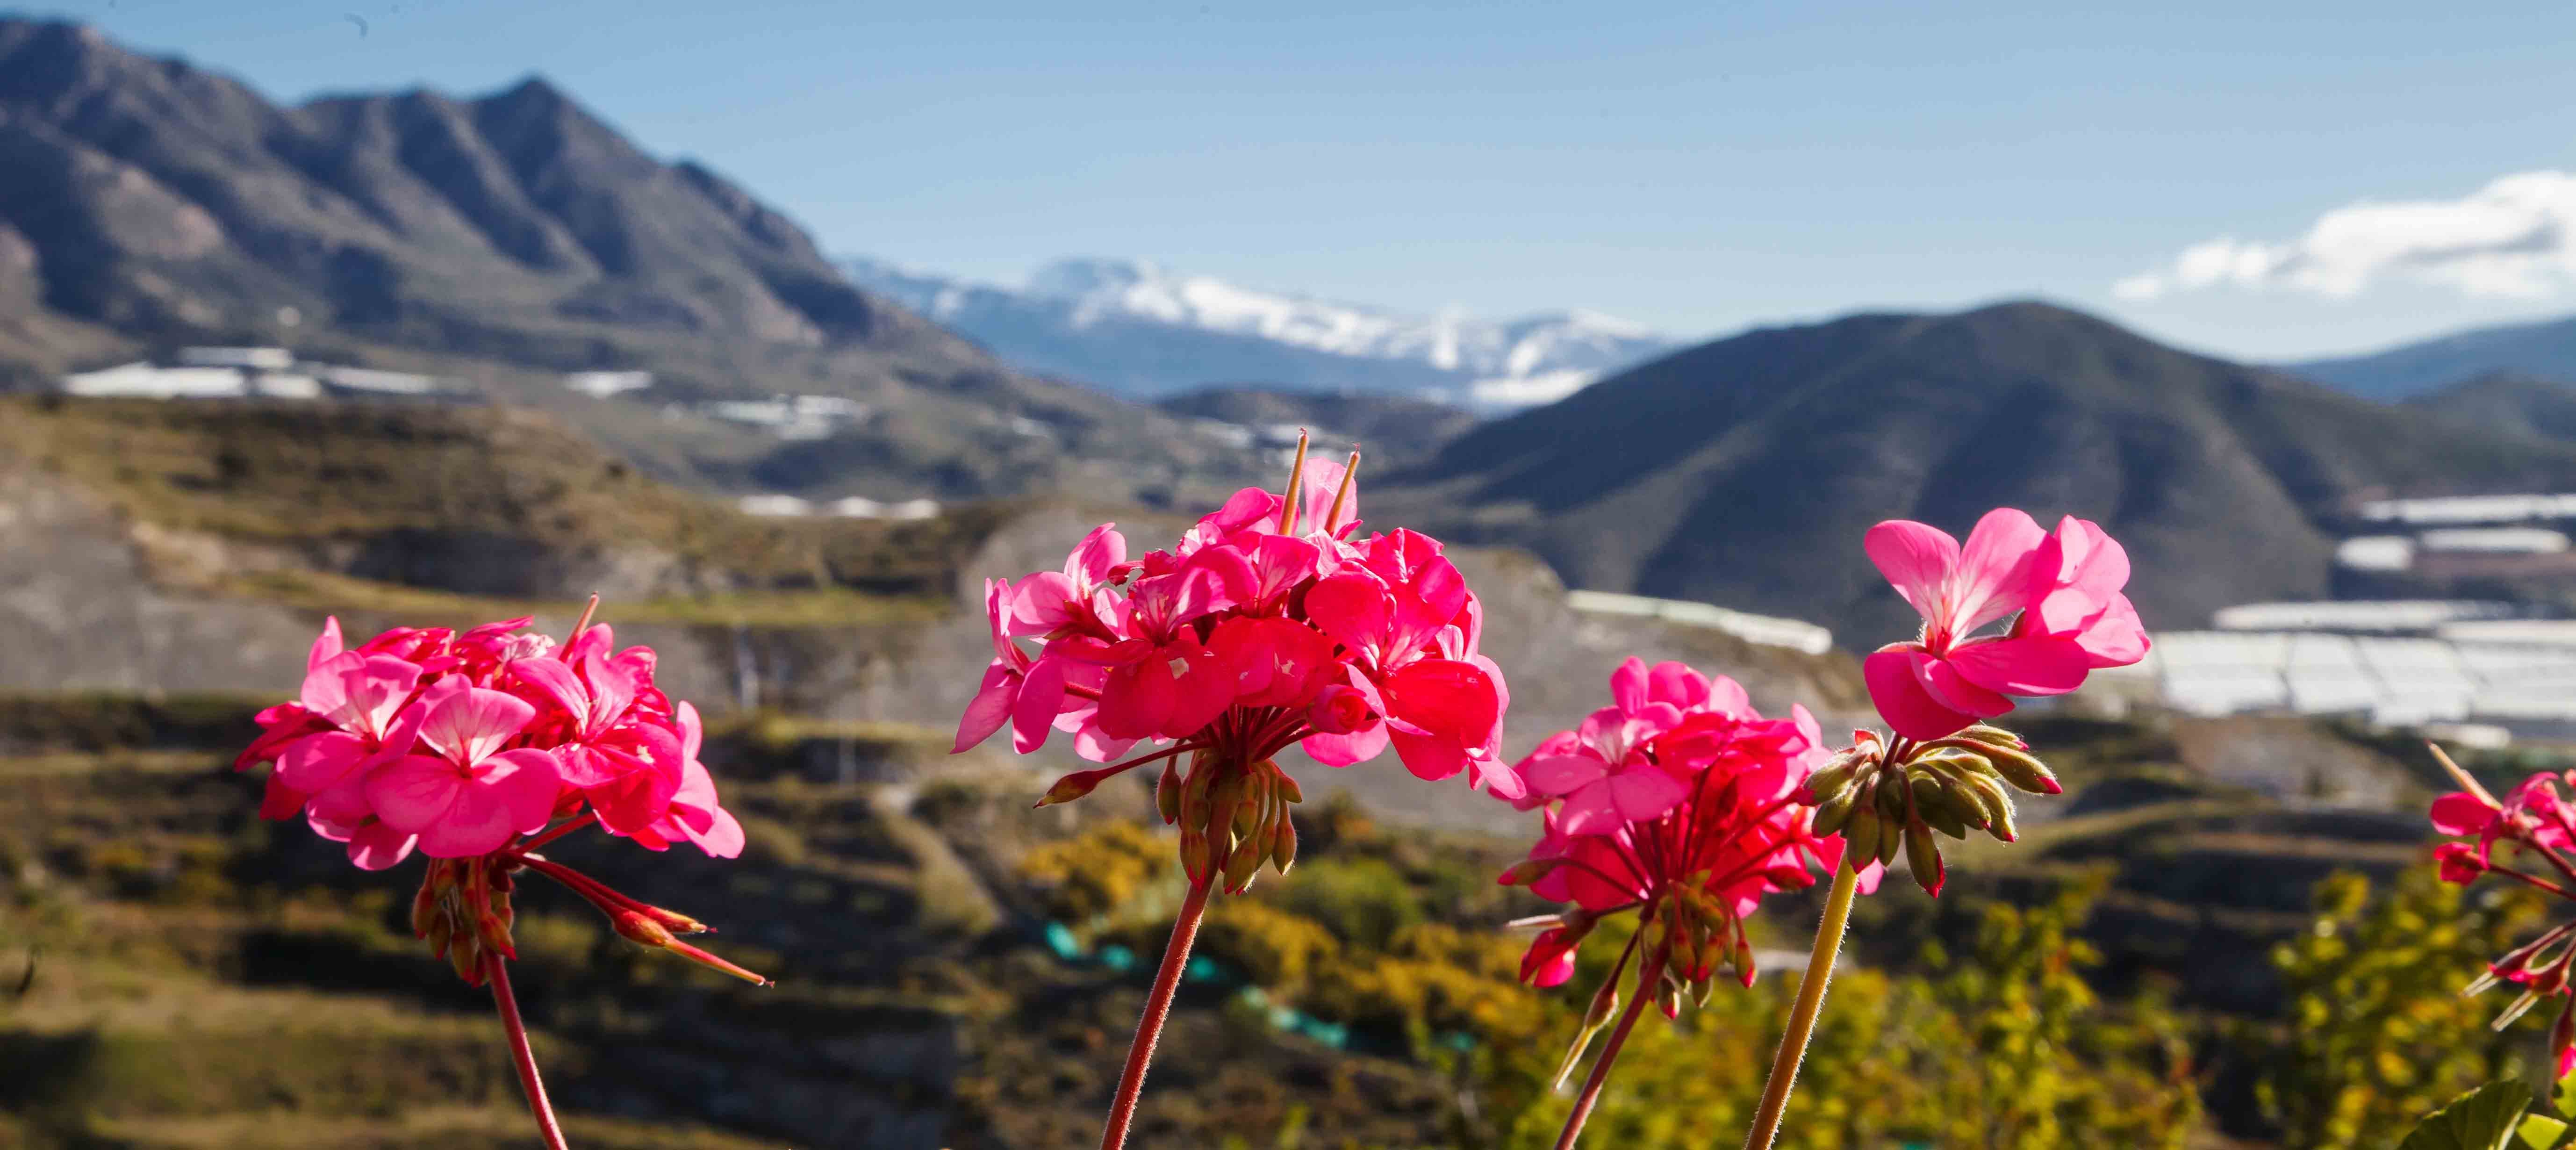 Plantevækst i Salobrena-bjergene, Spanien